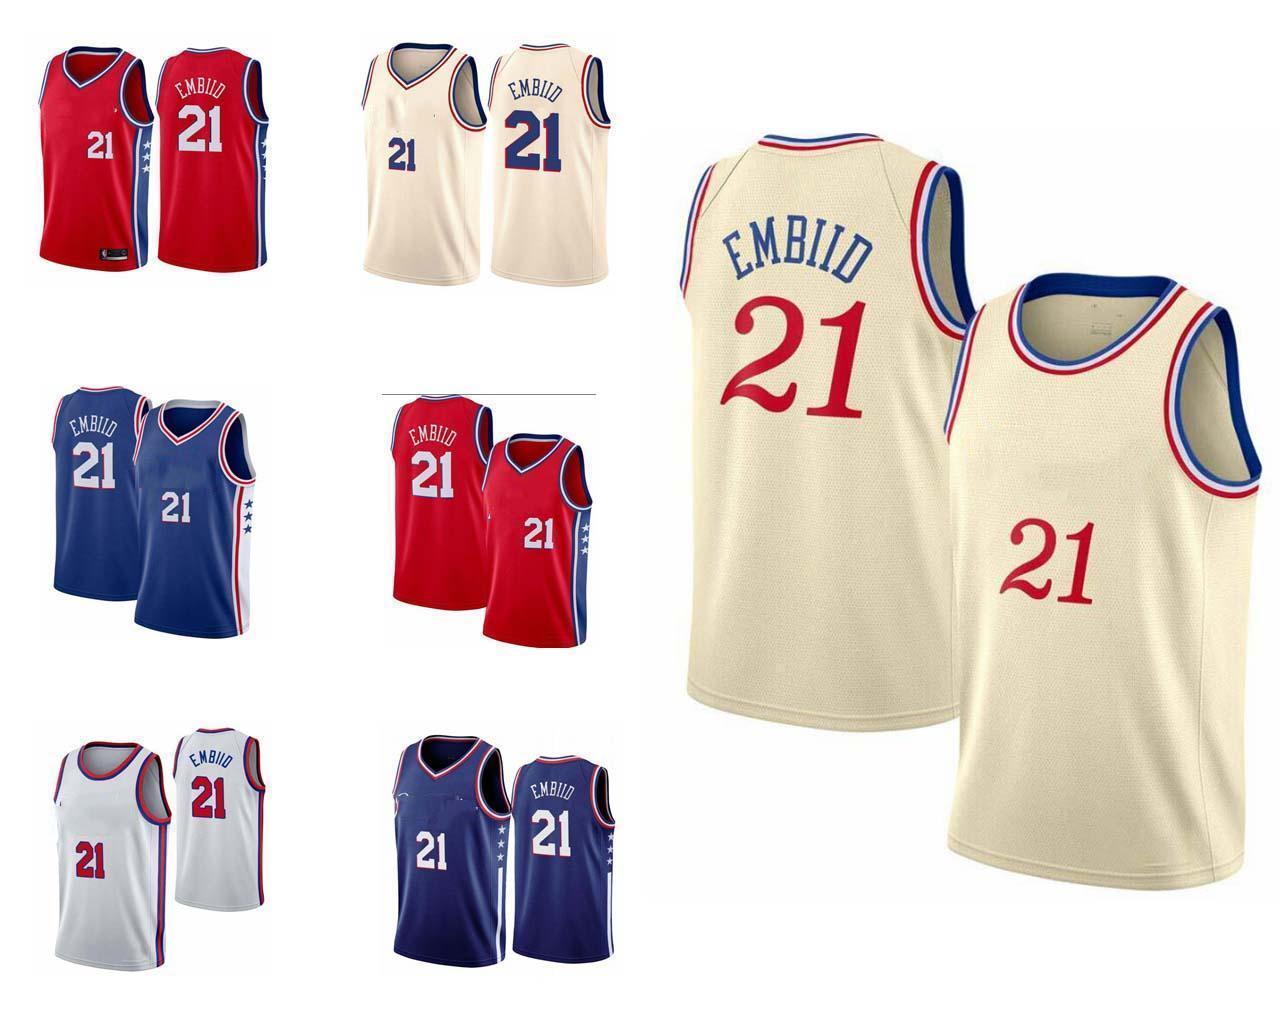 Erkekler Joel Embiid Basketbol Formaları Anahtar Oyuncular için Salıncak ve İşlemeli Basketbol Formaları.